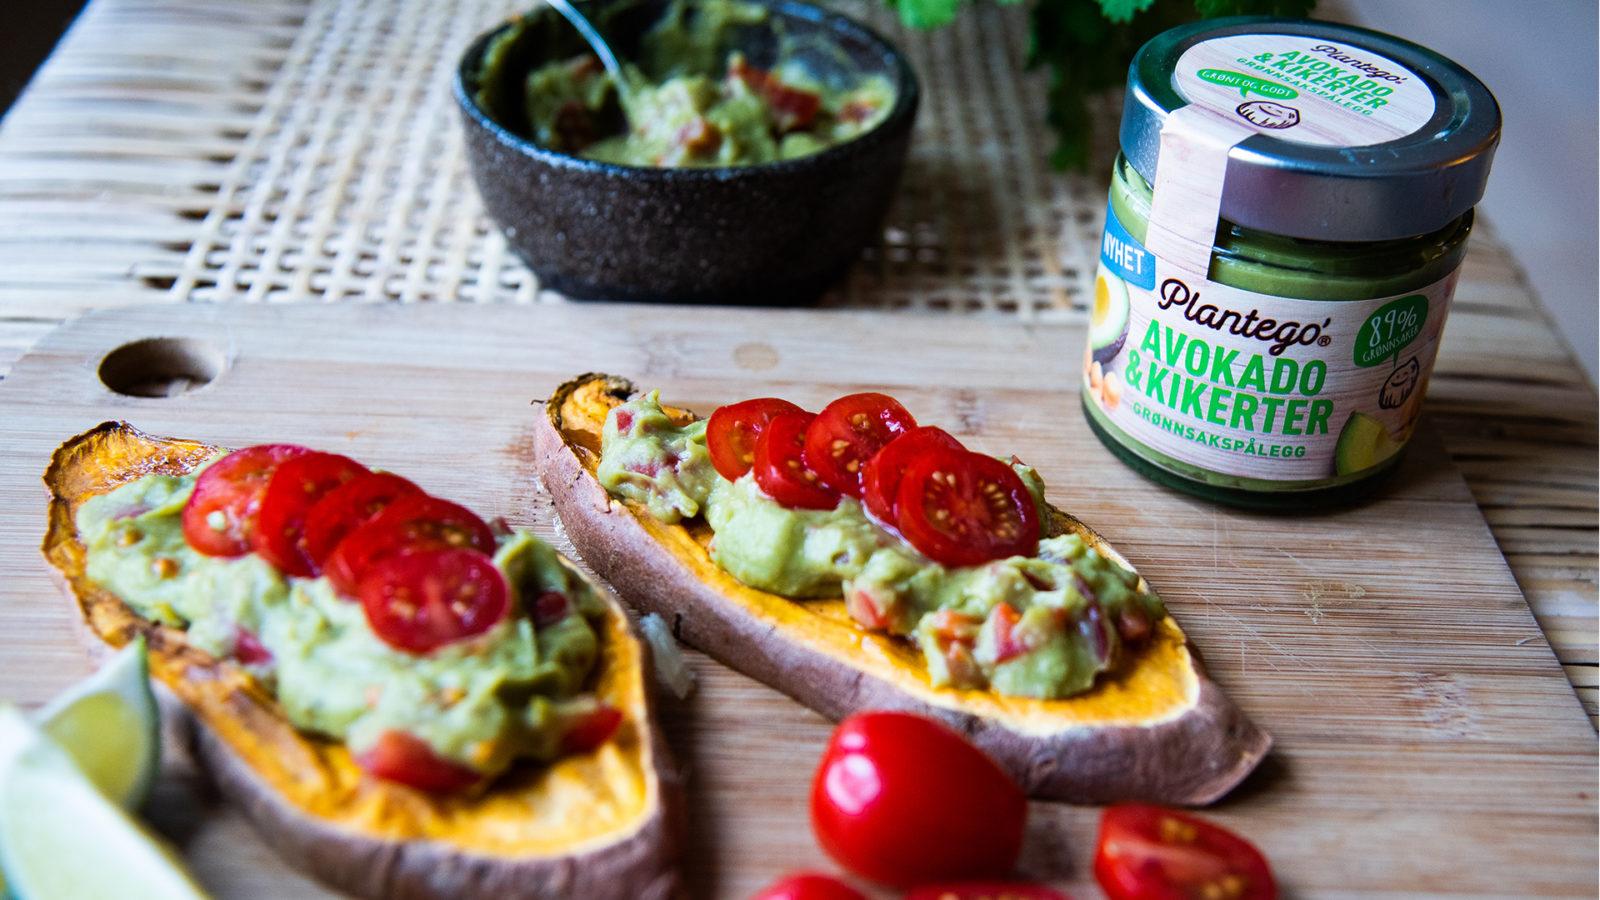 Søtpotettoast med Plantego' Avokado og kikerter